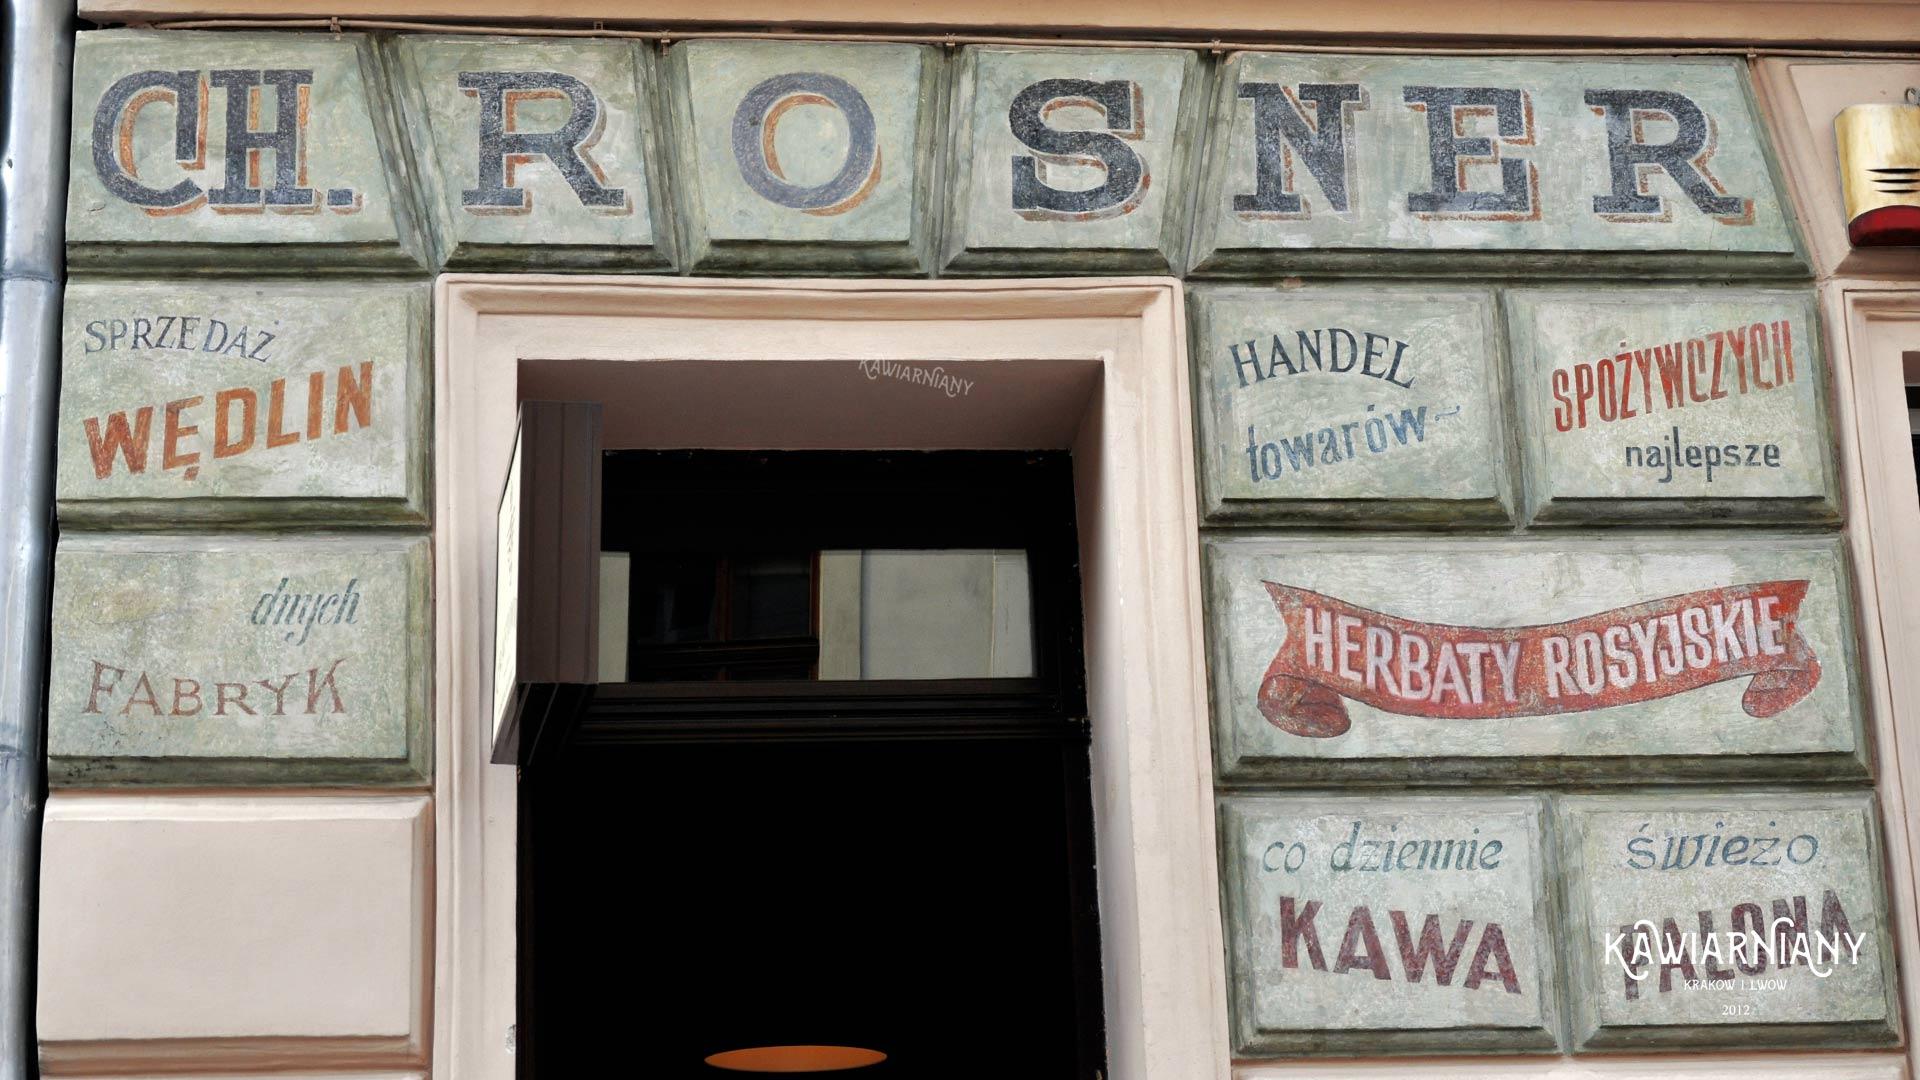 Przedwojenne napisy i szyldy w Krakowie. Tak kiedyś wyglądały ulice